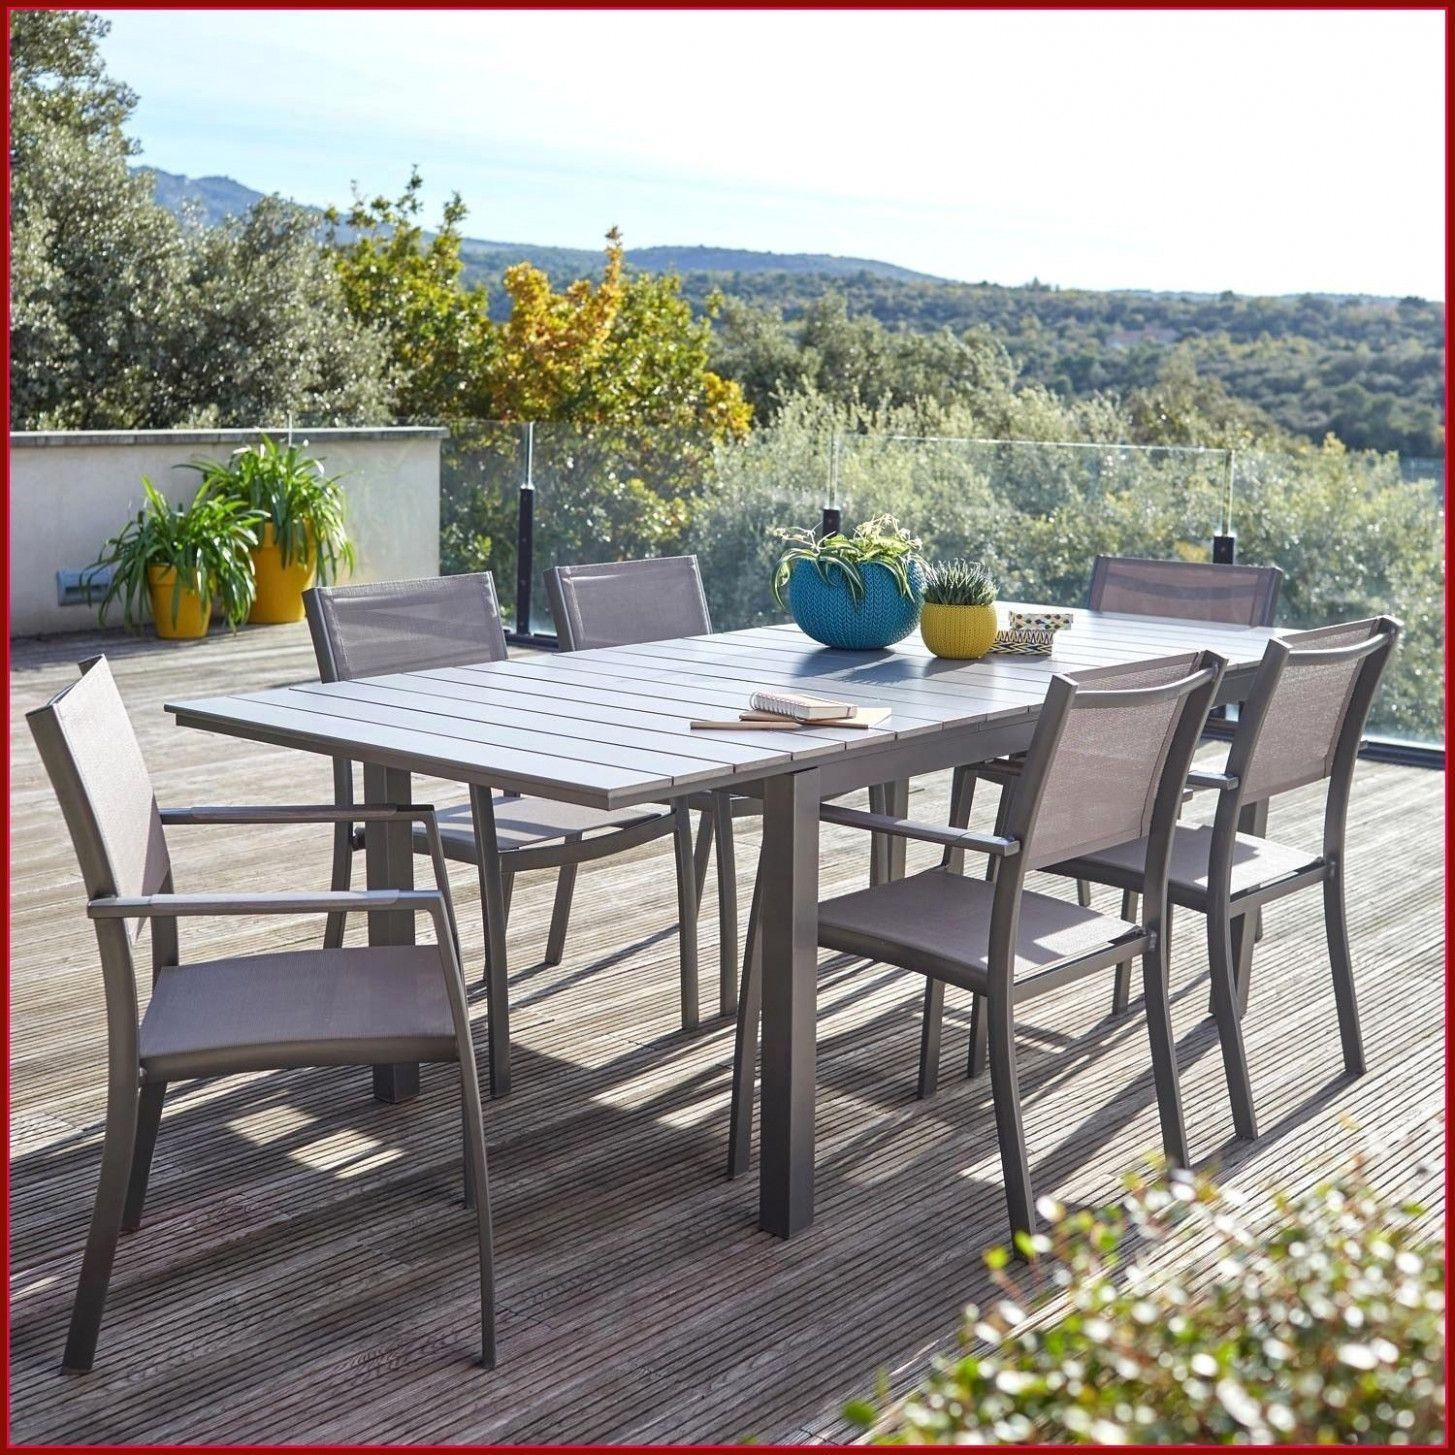 Salon De Jardin Super U | Outdoor, Outdoor Decor, Outdoor ... intérieur Abri De Jardin Hyper U